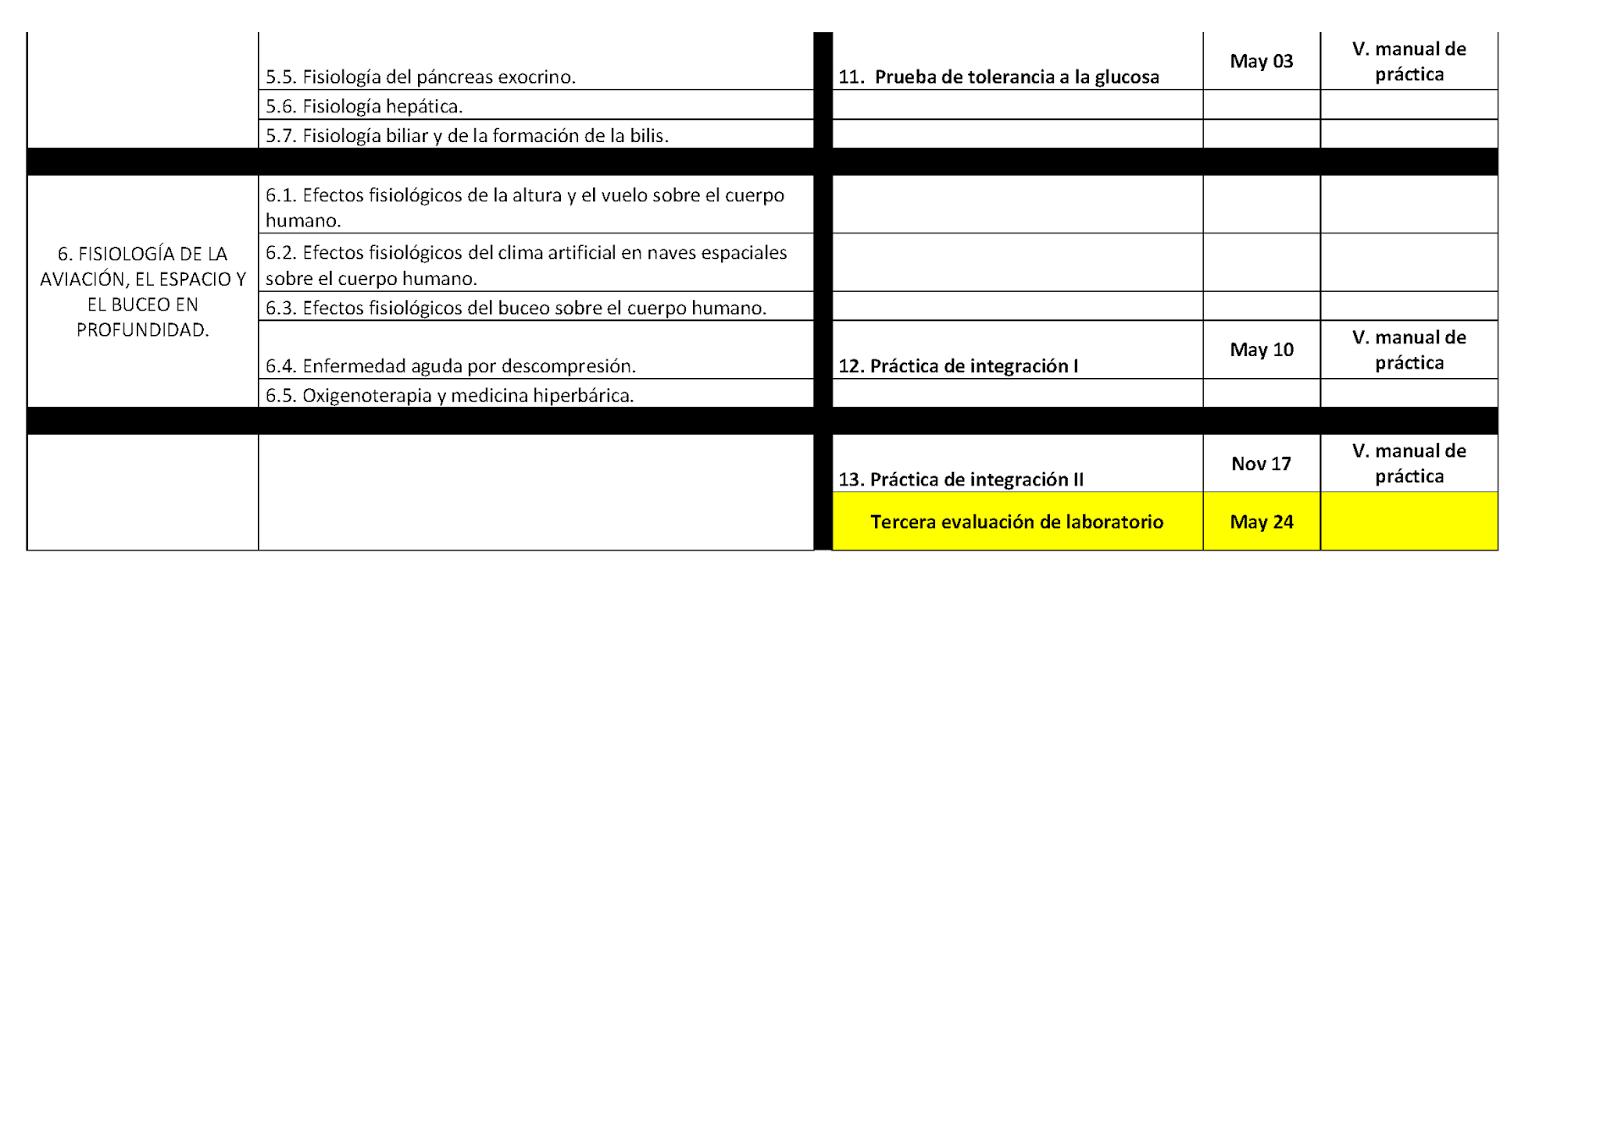 CURSO DE FISIOLOGÍA ULA: Calendario de Practicas de Fisiología 2018-2